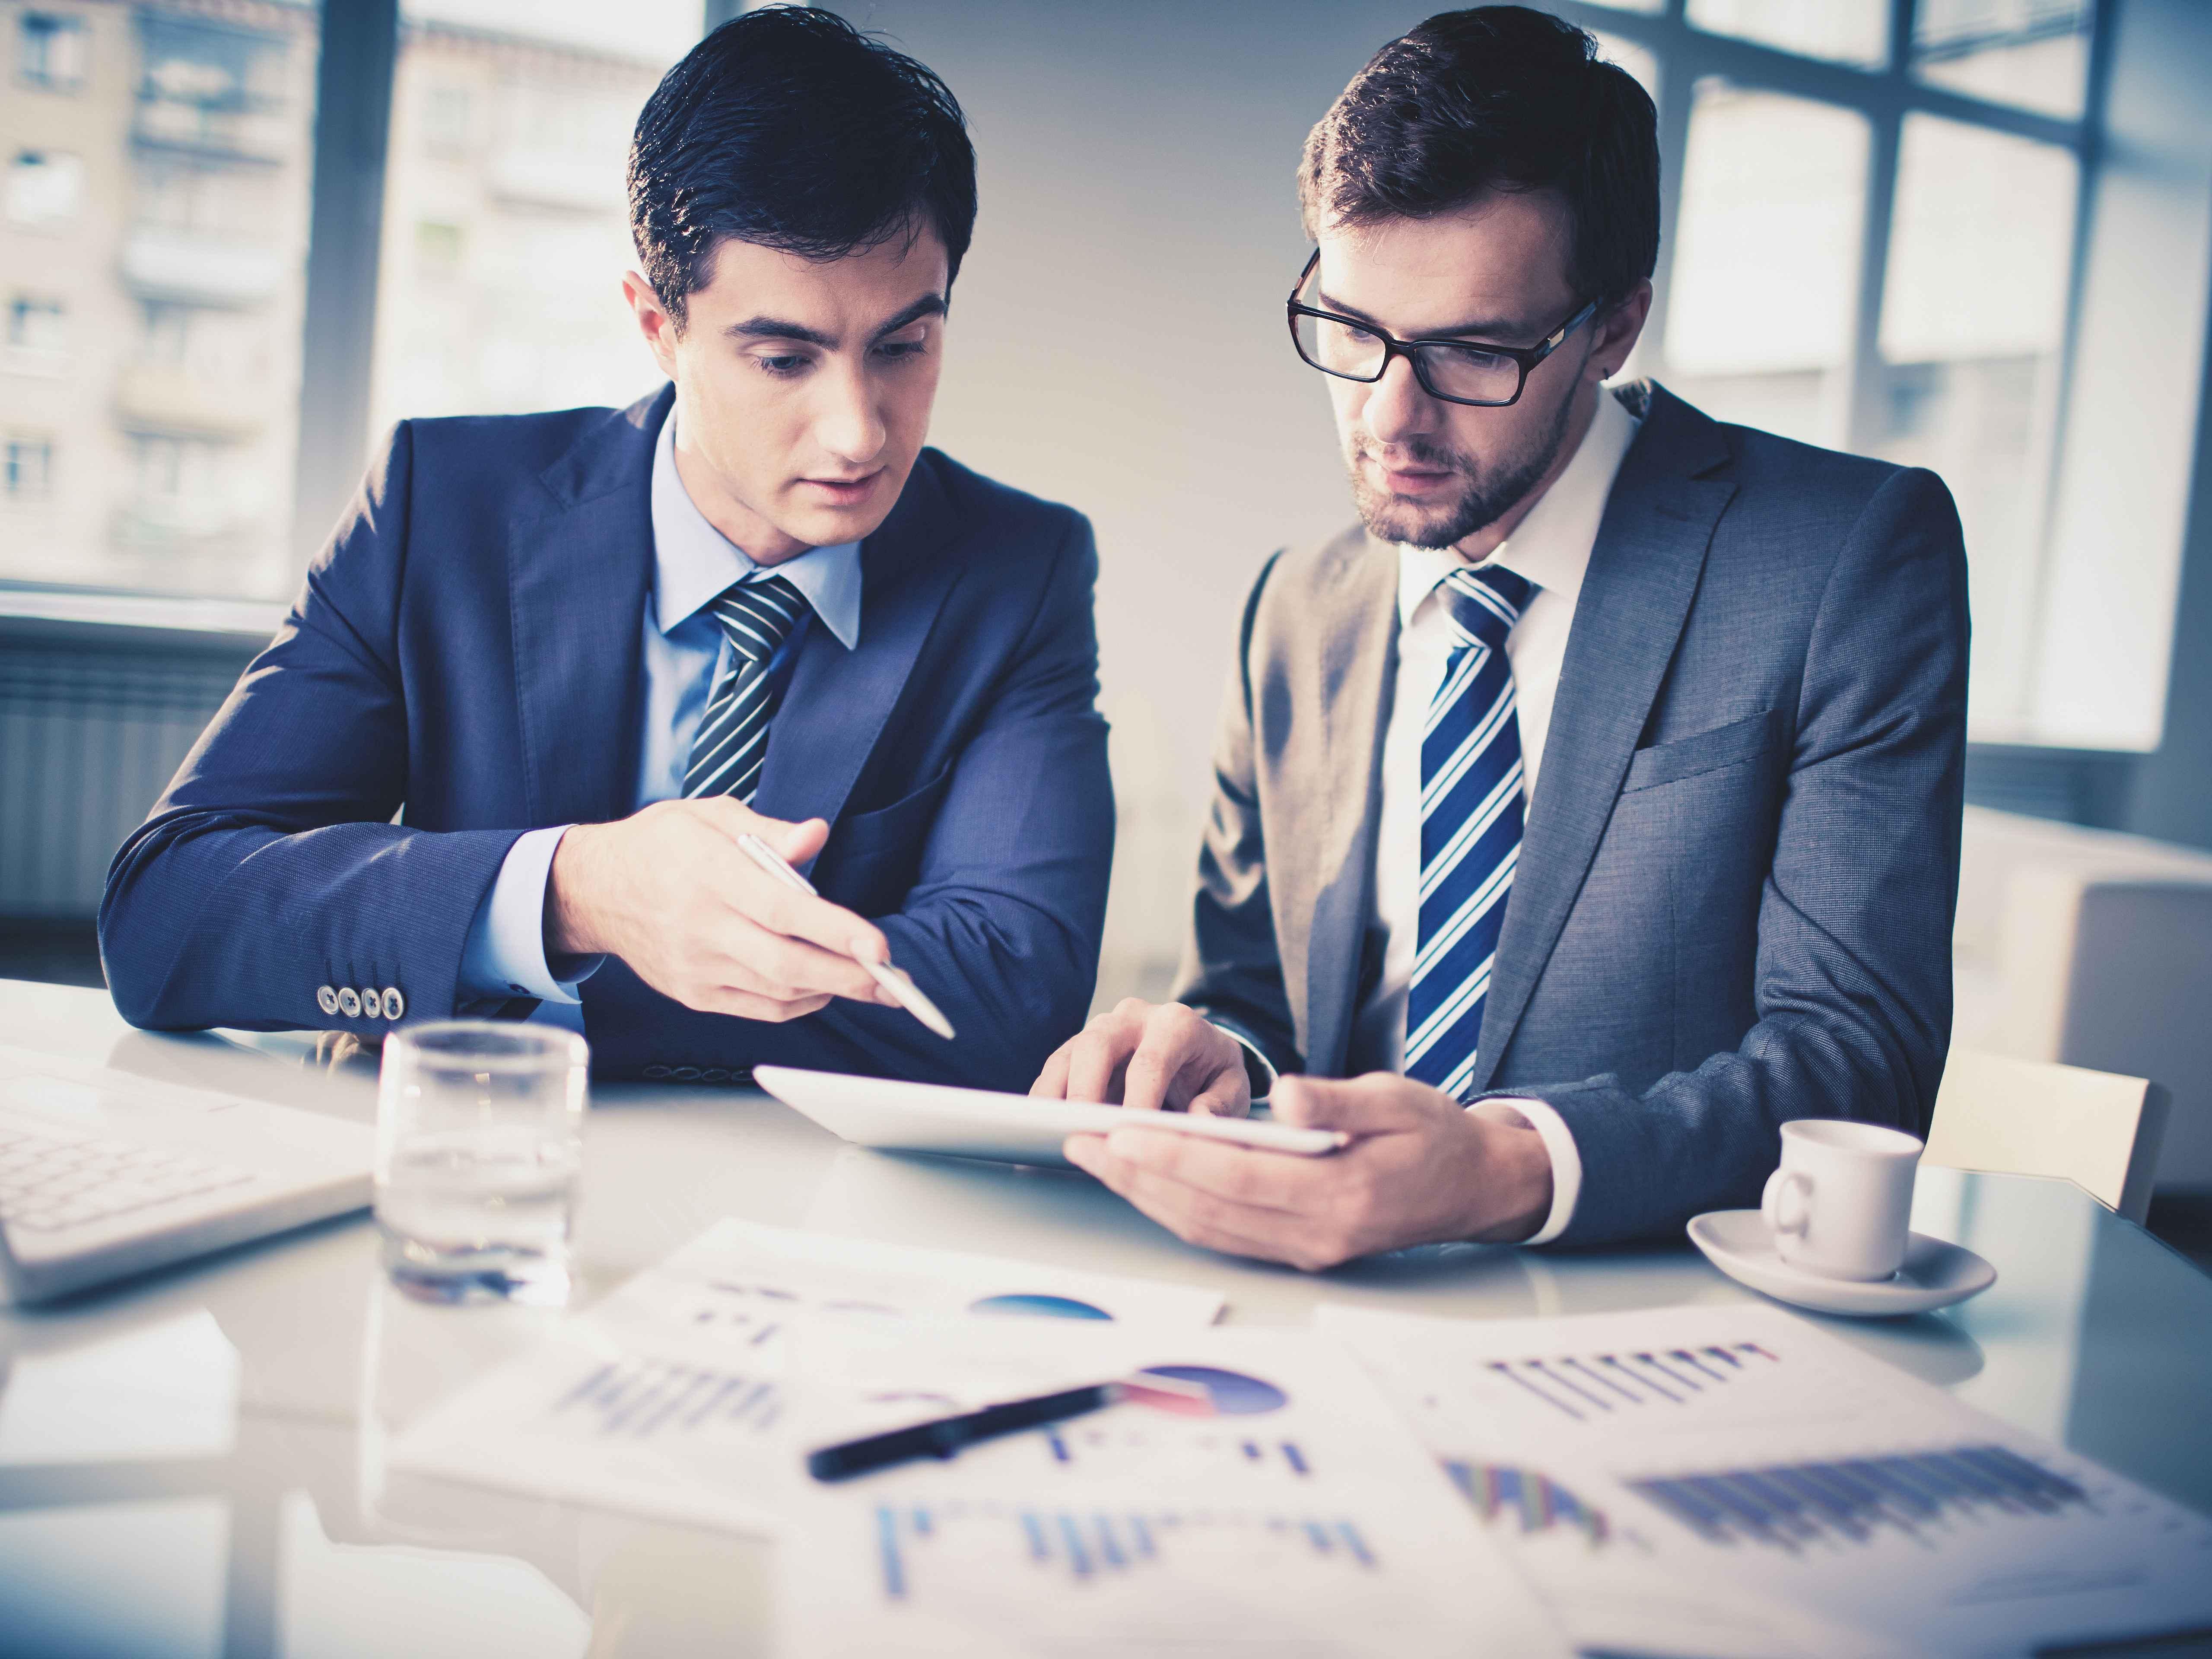 丁建泽:如何构建战略性人力资源管理—做到懂老板、懂业务、懂专业(上) }